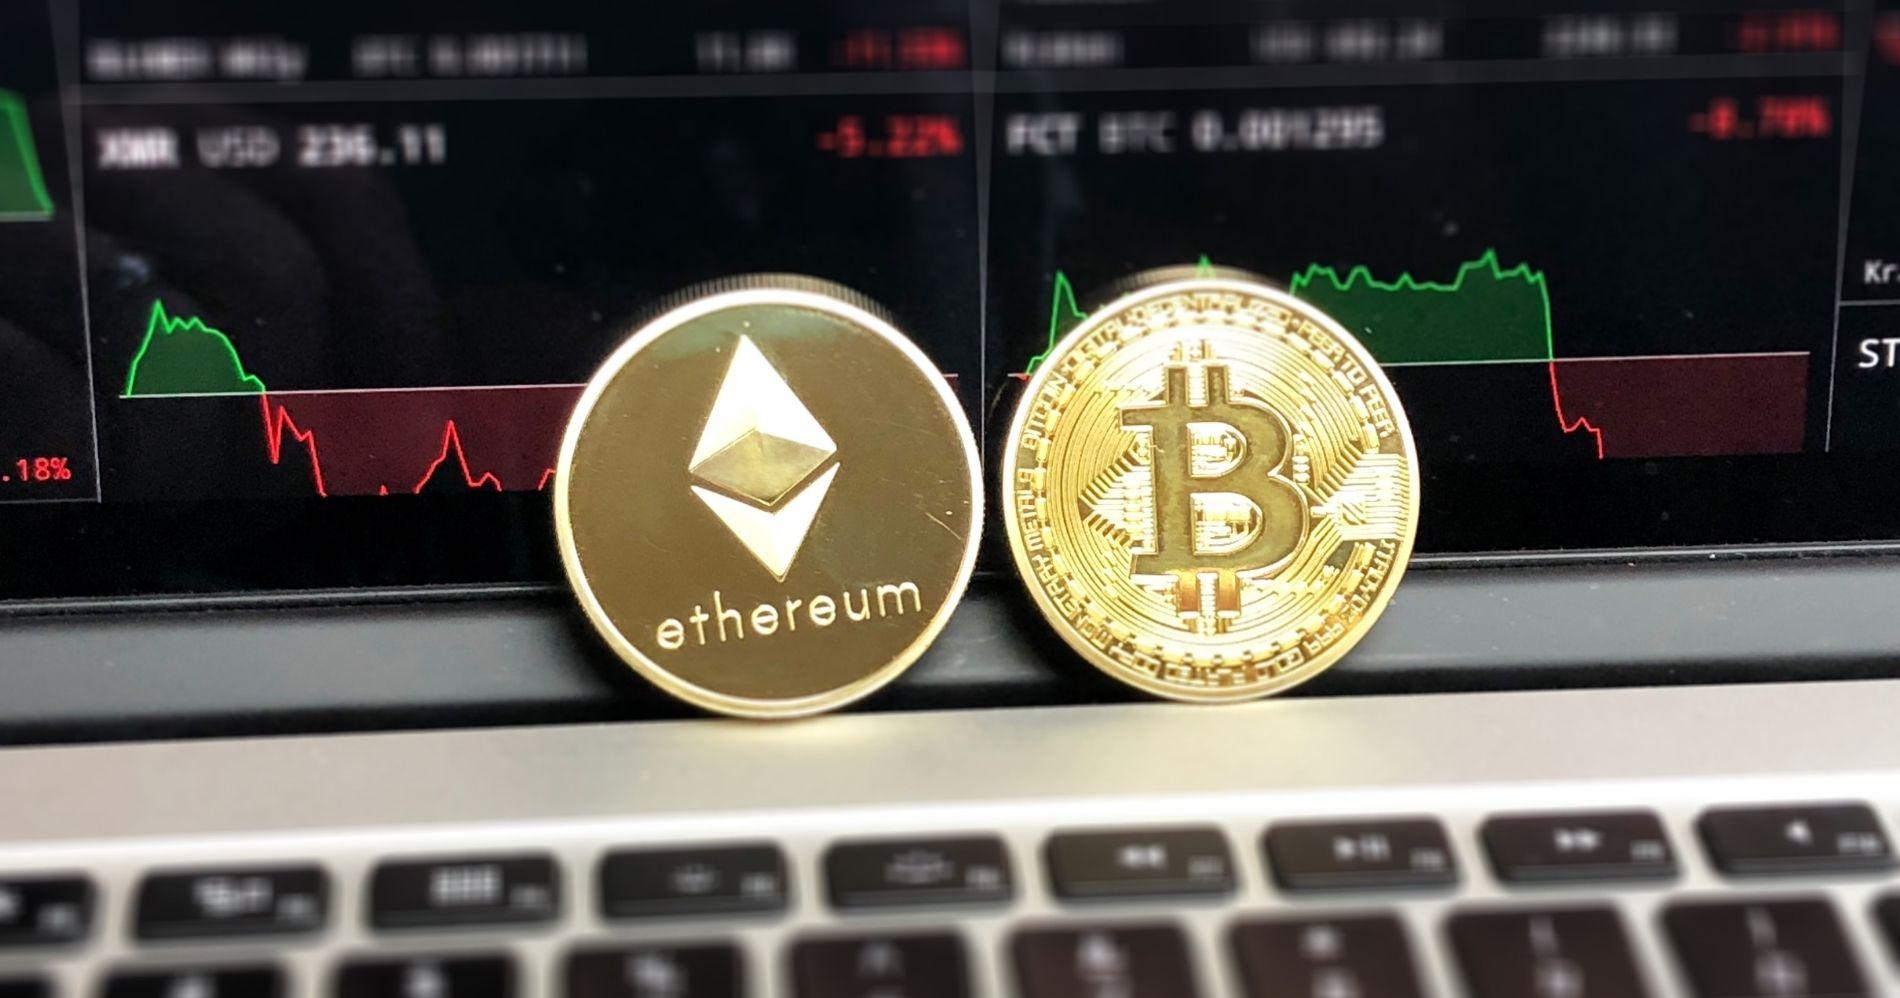 Ilustrasi Gambar Cyrpto Bitcoin - Bisnis Muda - Canva.com